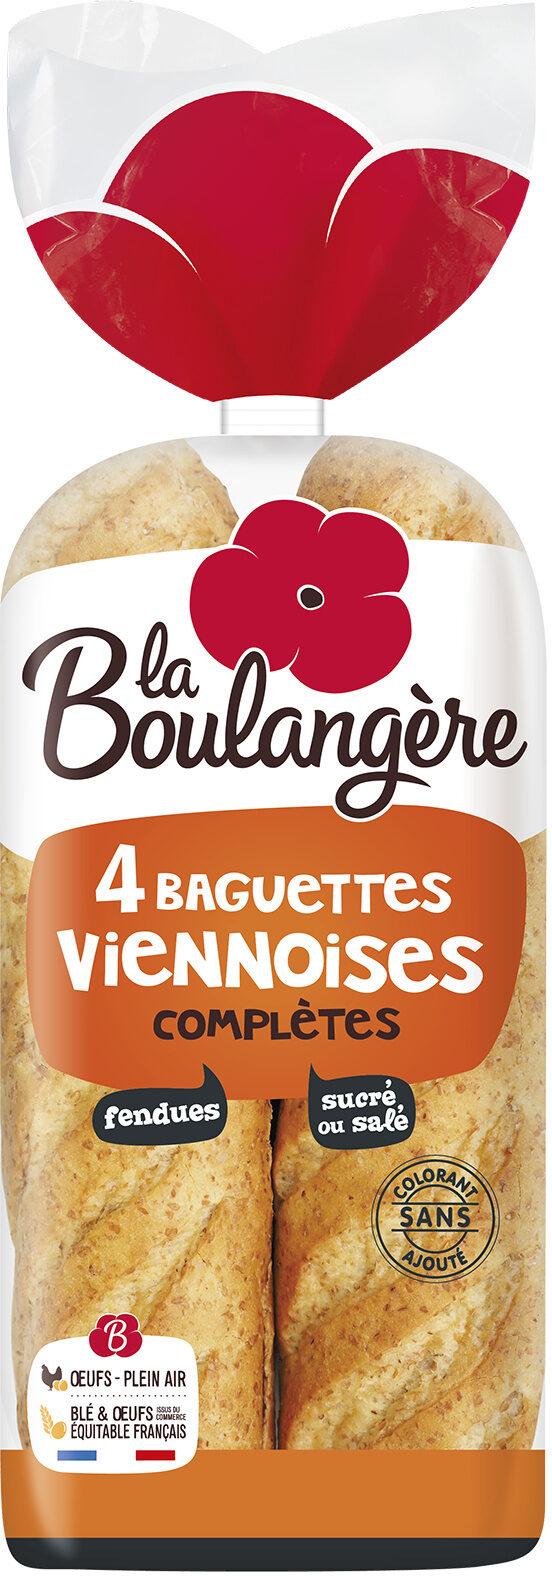 Baguette viennoises complètes - Produit - fr